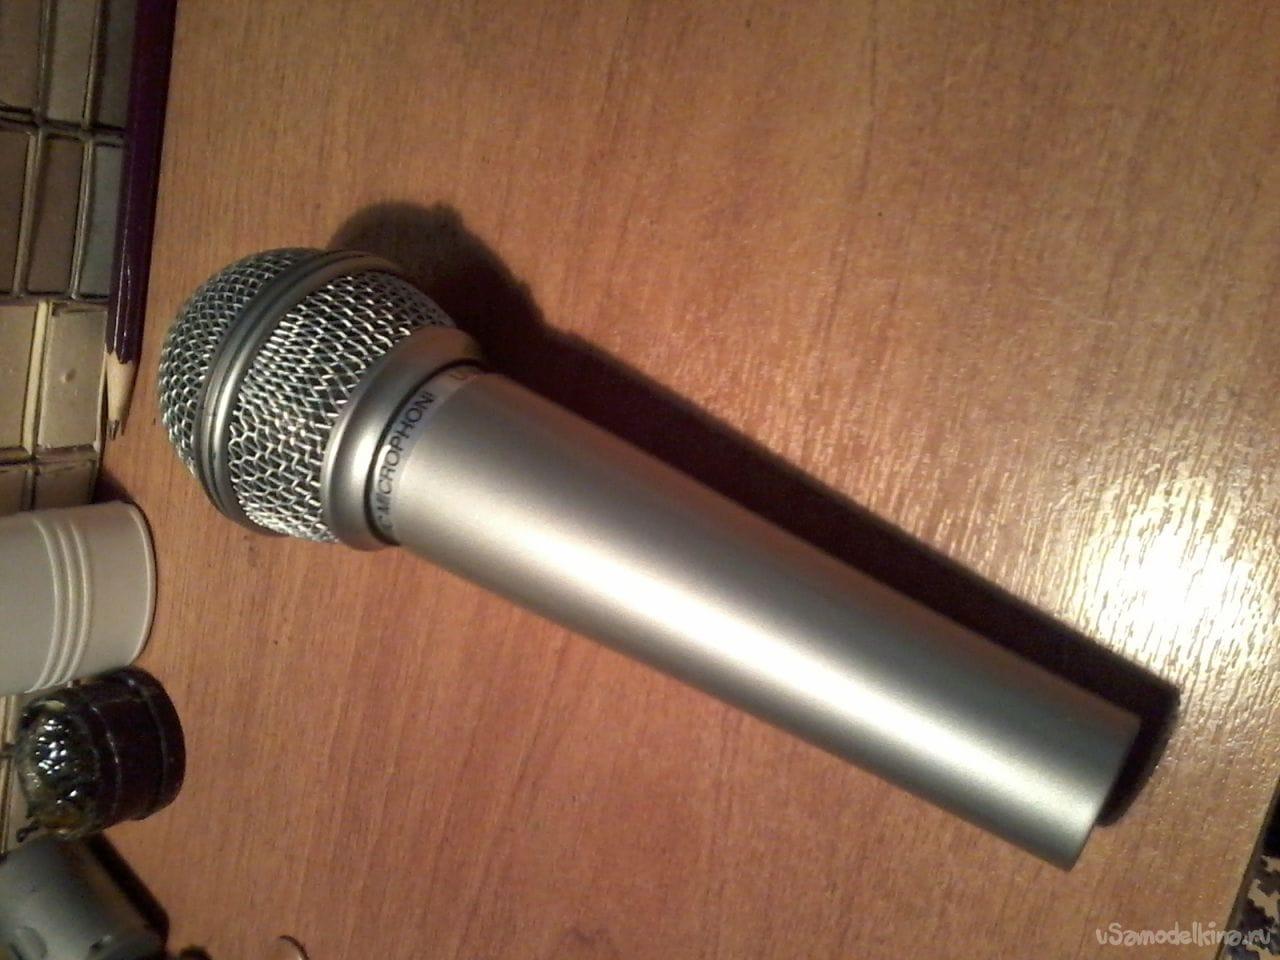 усилитель звука своими руками схема для микрофона